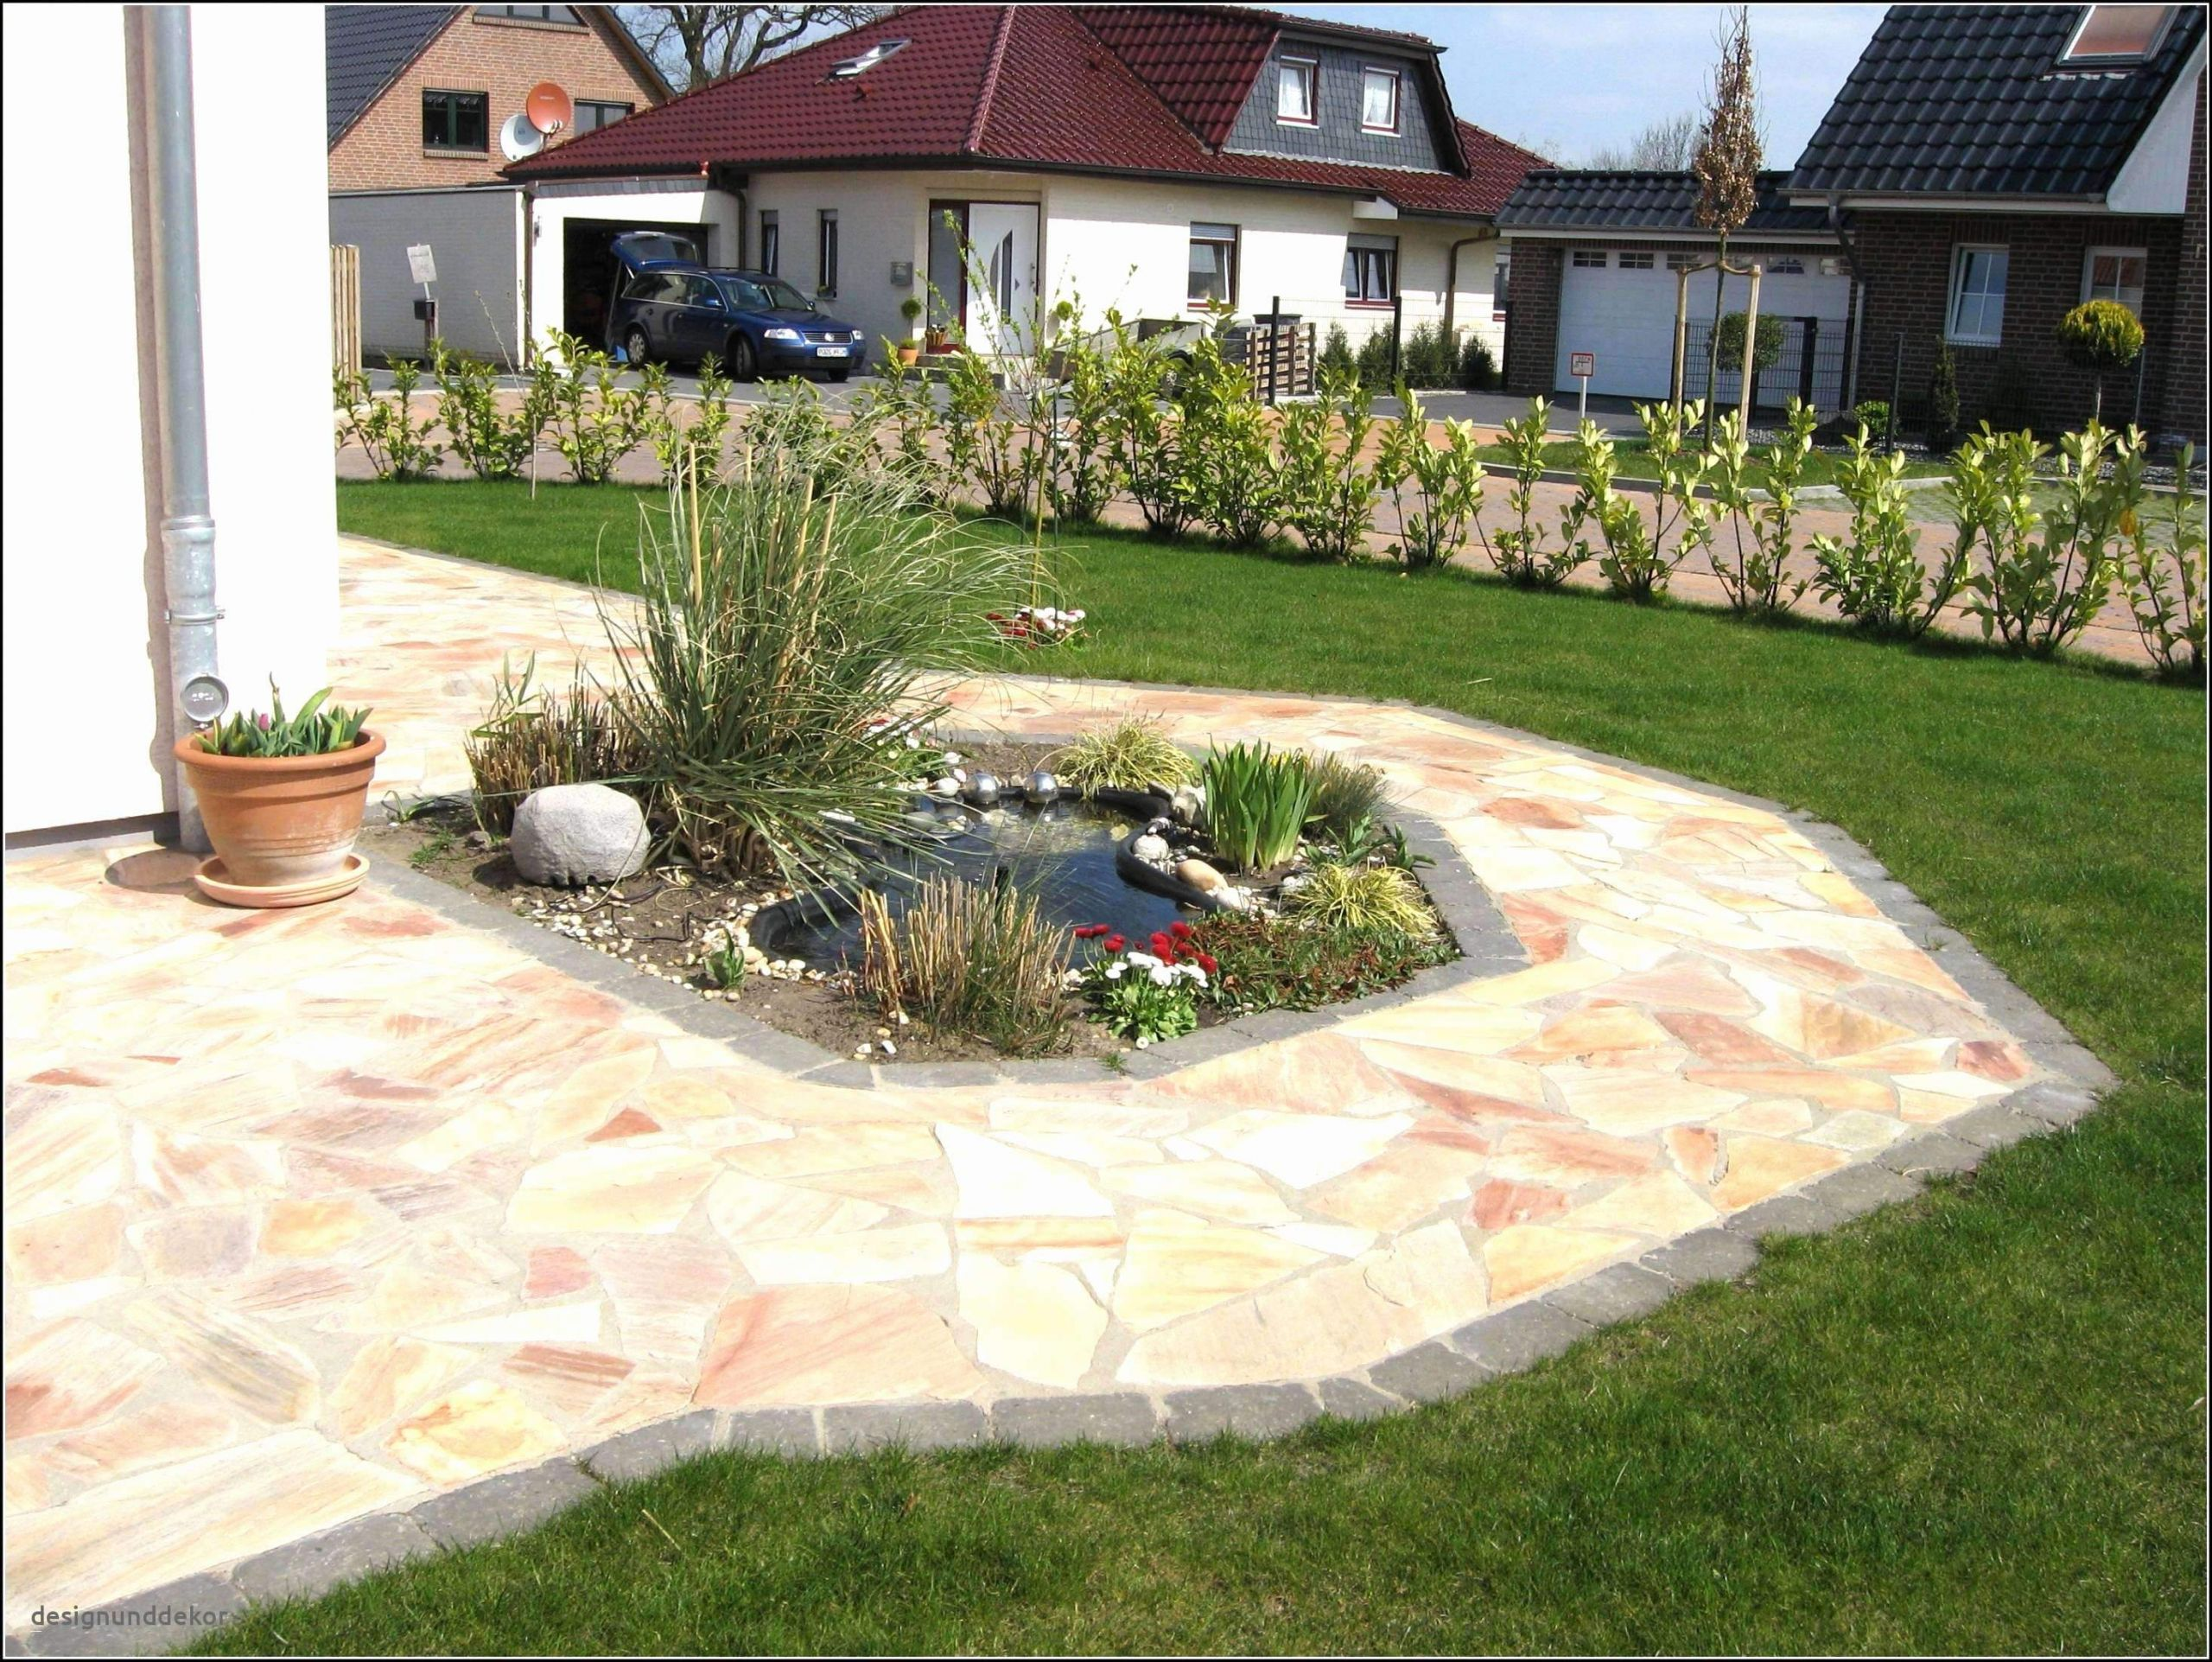 Garten Gestalten Ideen Bilder Schön 37 Einzigartig Garten Gestalten Mit Pflanzsteinen Elegant